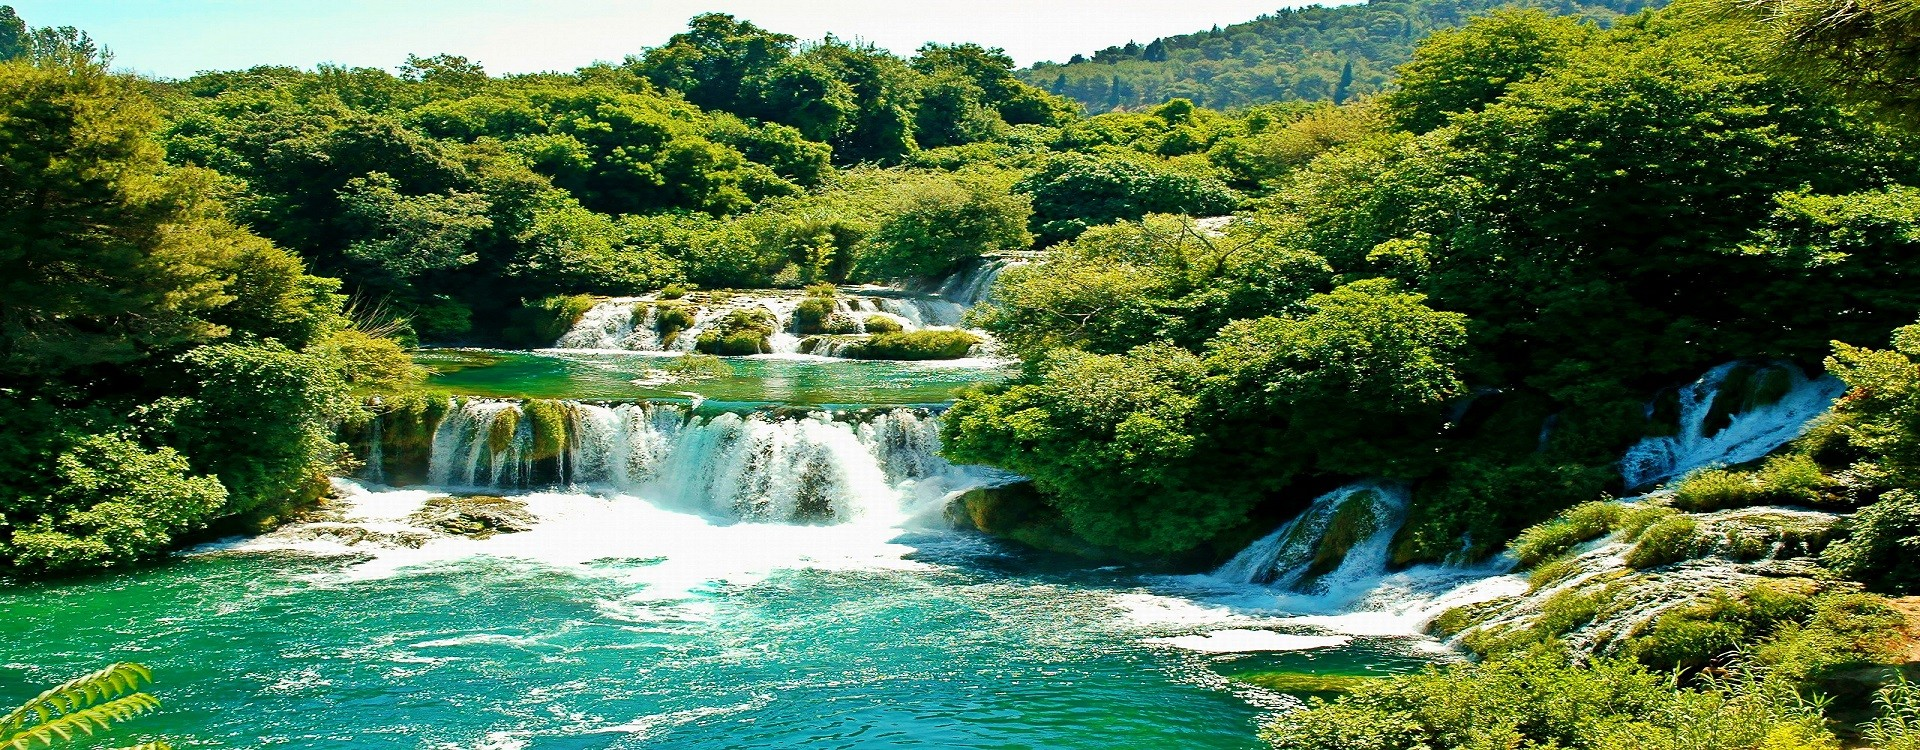 Nacionalni park Krka – udaljenost 40km